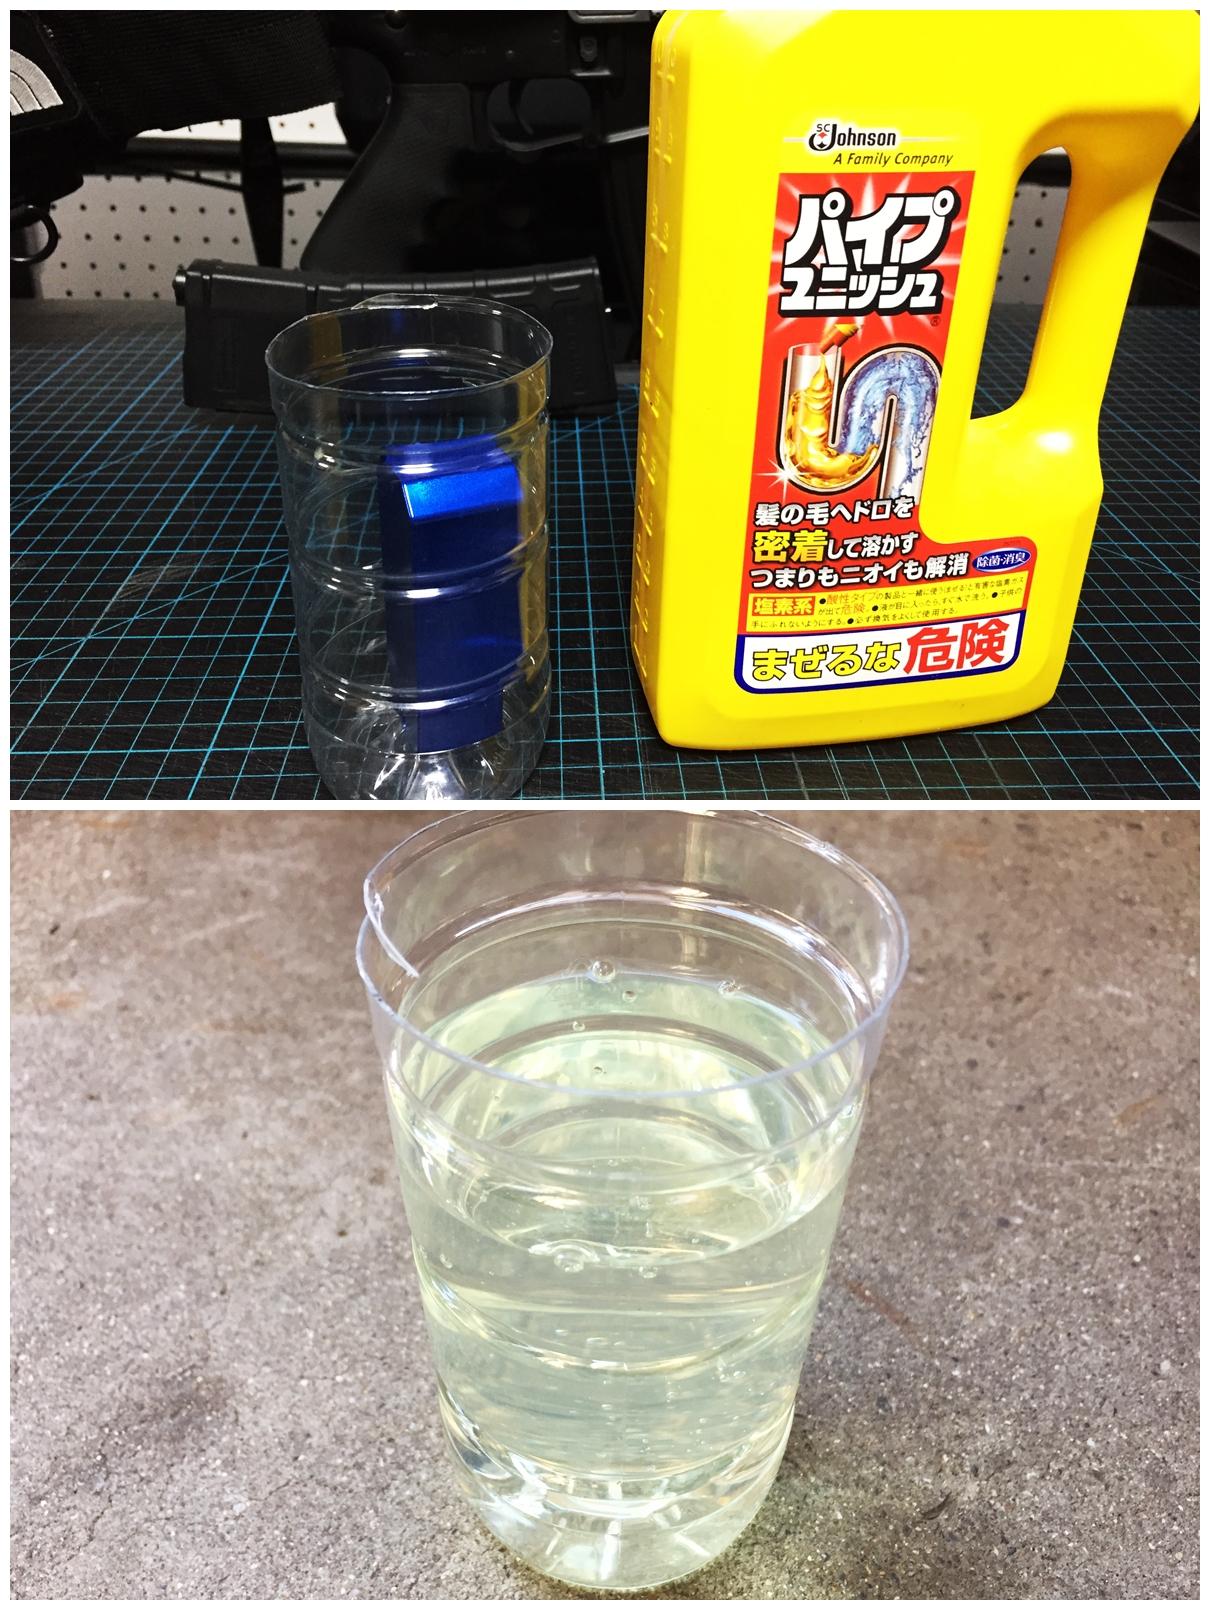 3 簡単 アルマイト 除去 ポリッシュ 鏡面 加工 UAC P-MAG アルミニウム マガジン ベース パッド